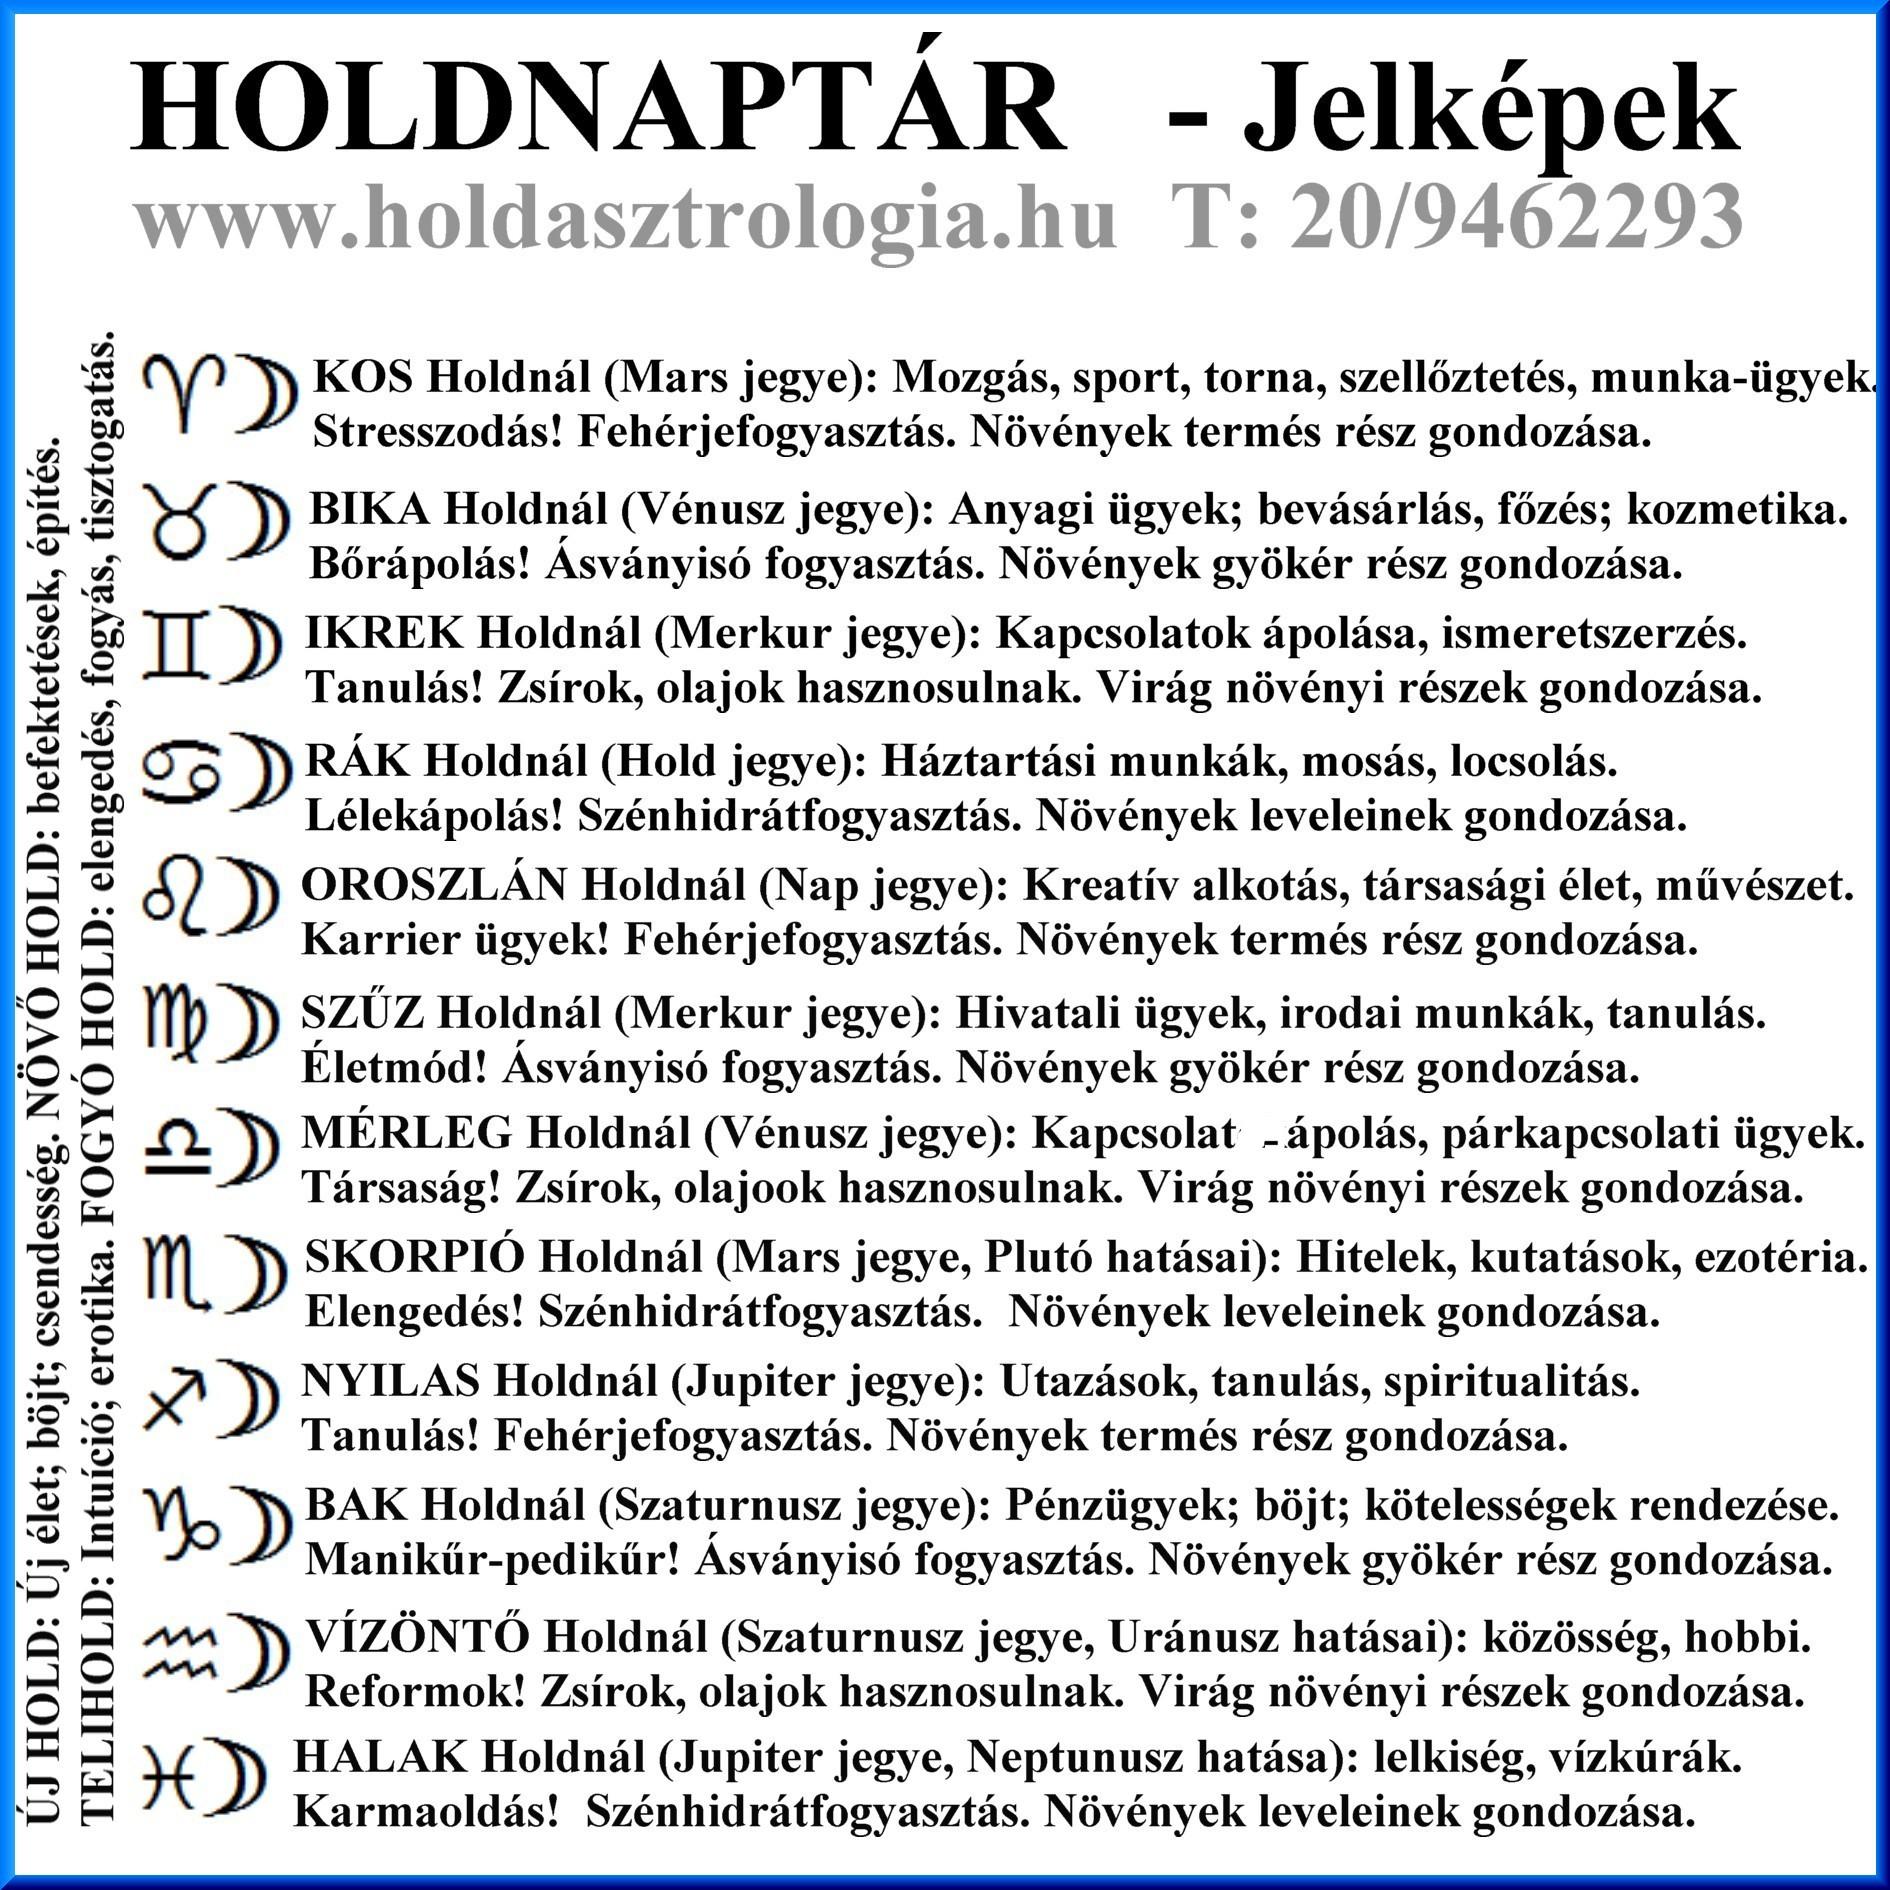 astrologia_holdnaptar_tennivalok.jpg